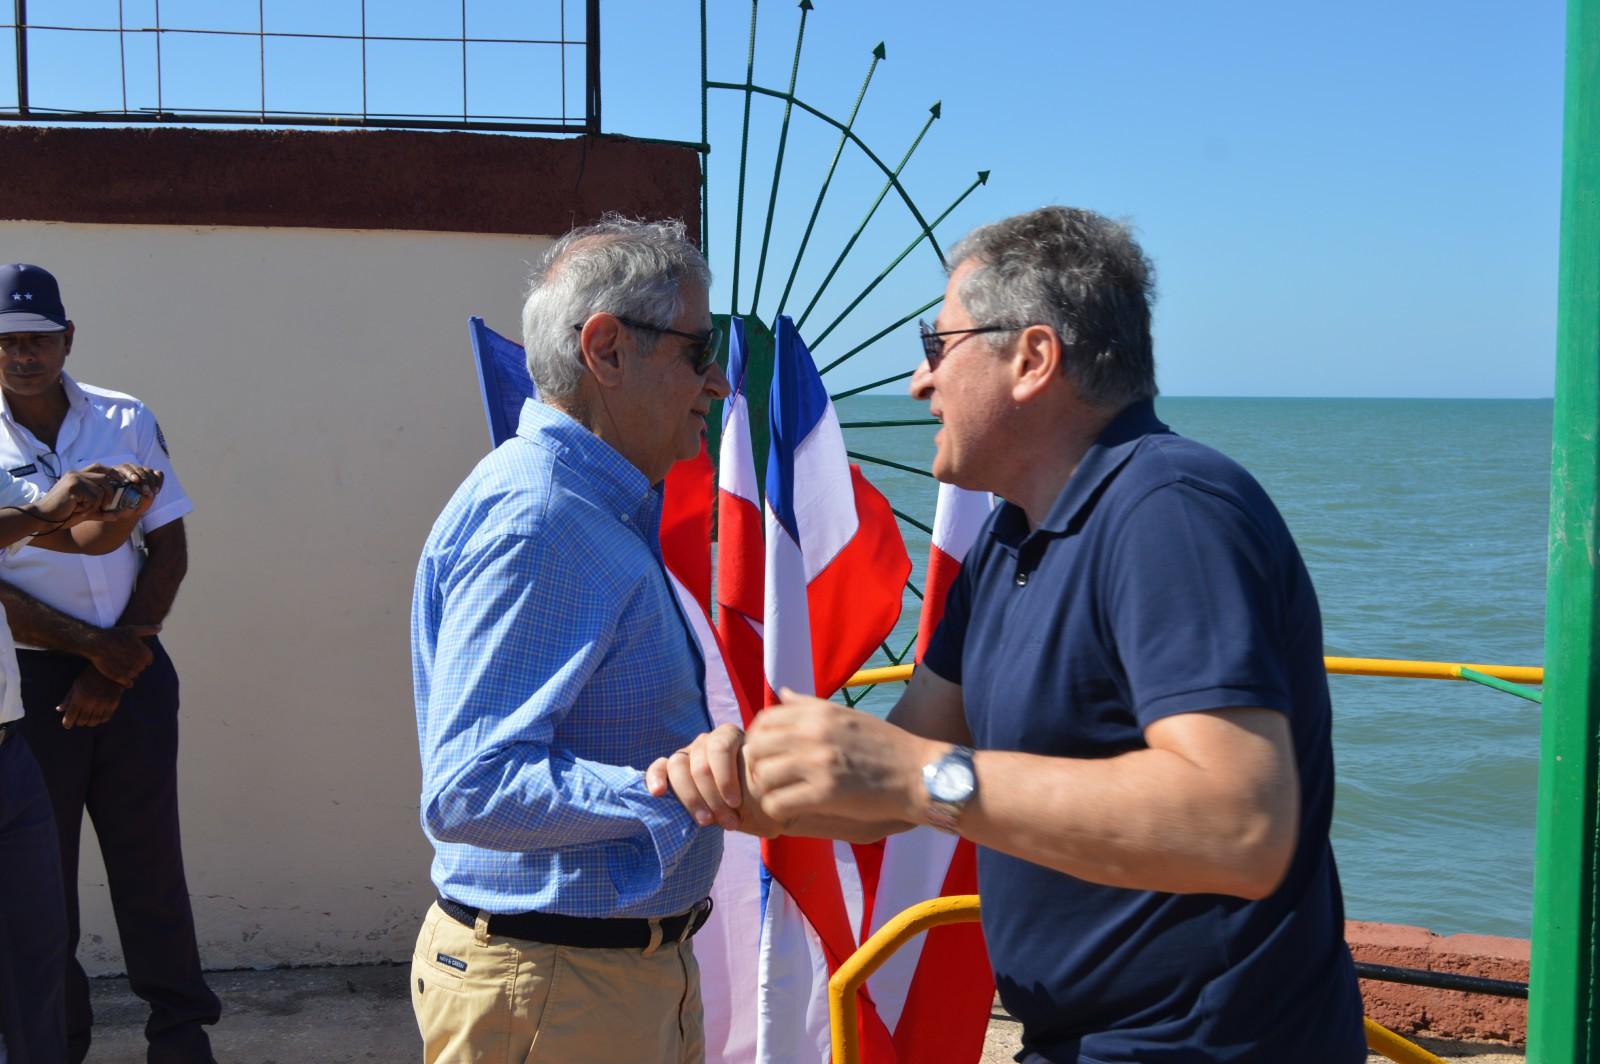 Megayate griego arriba a ciudad del Golfo de Guacanayabo (+ fotos y video)